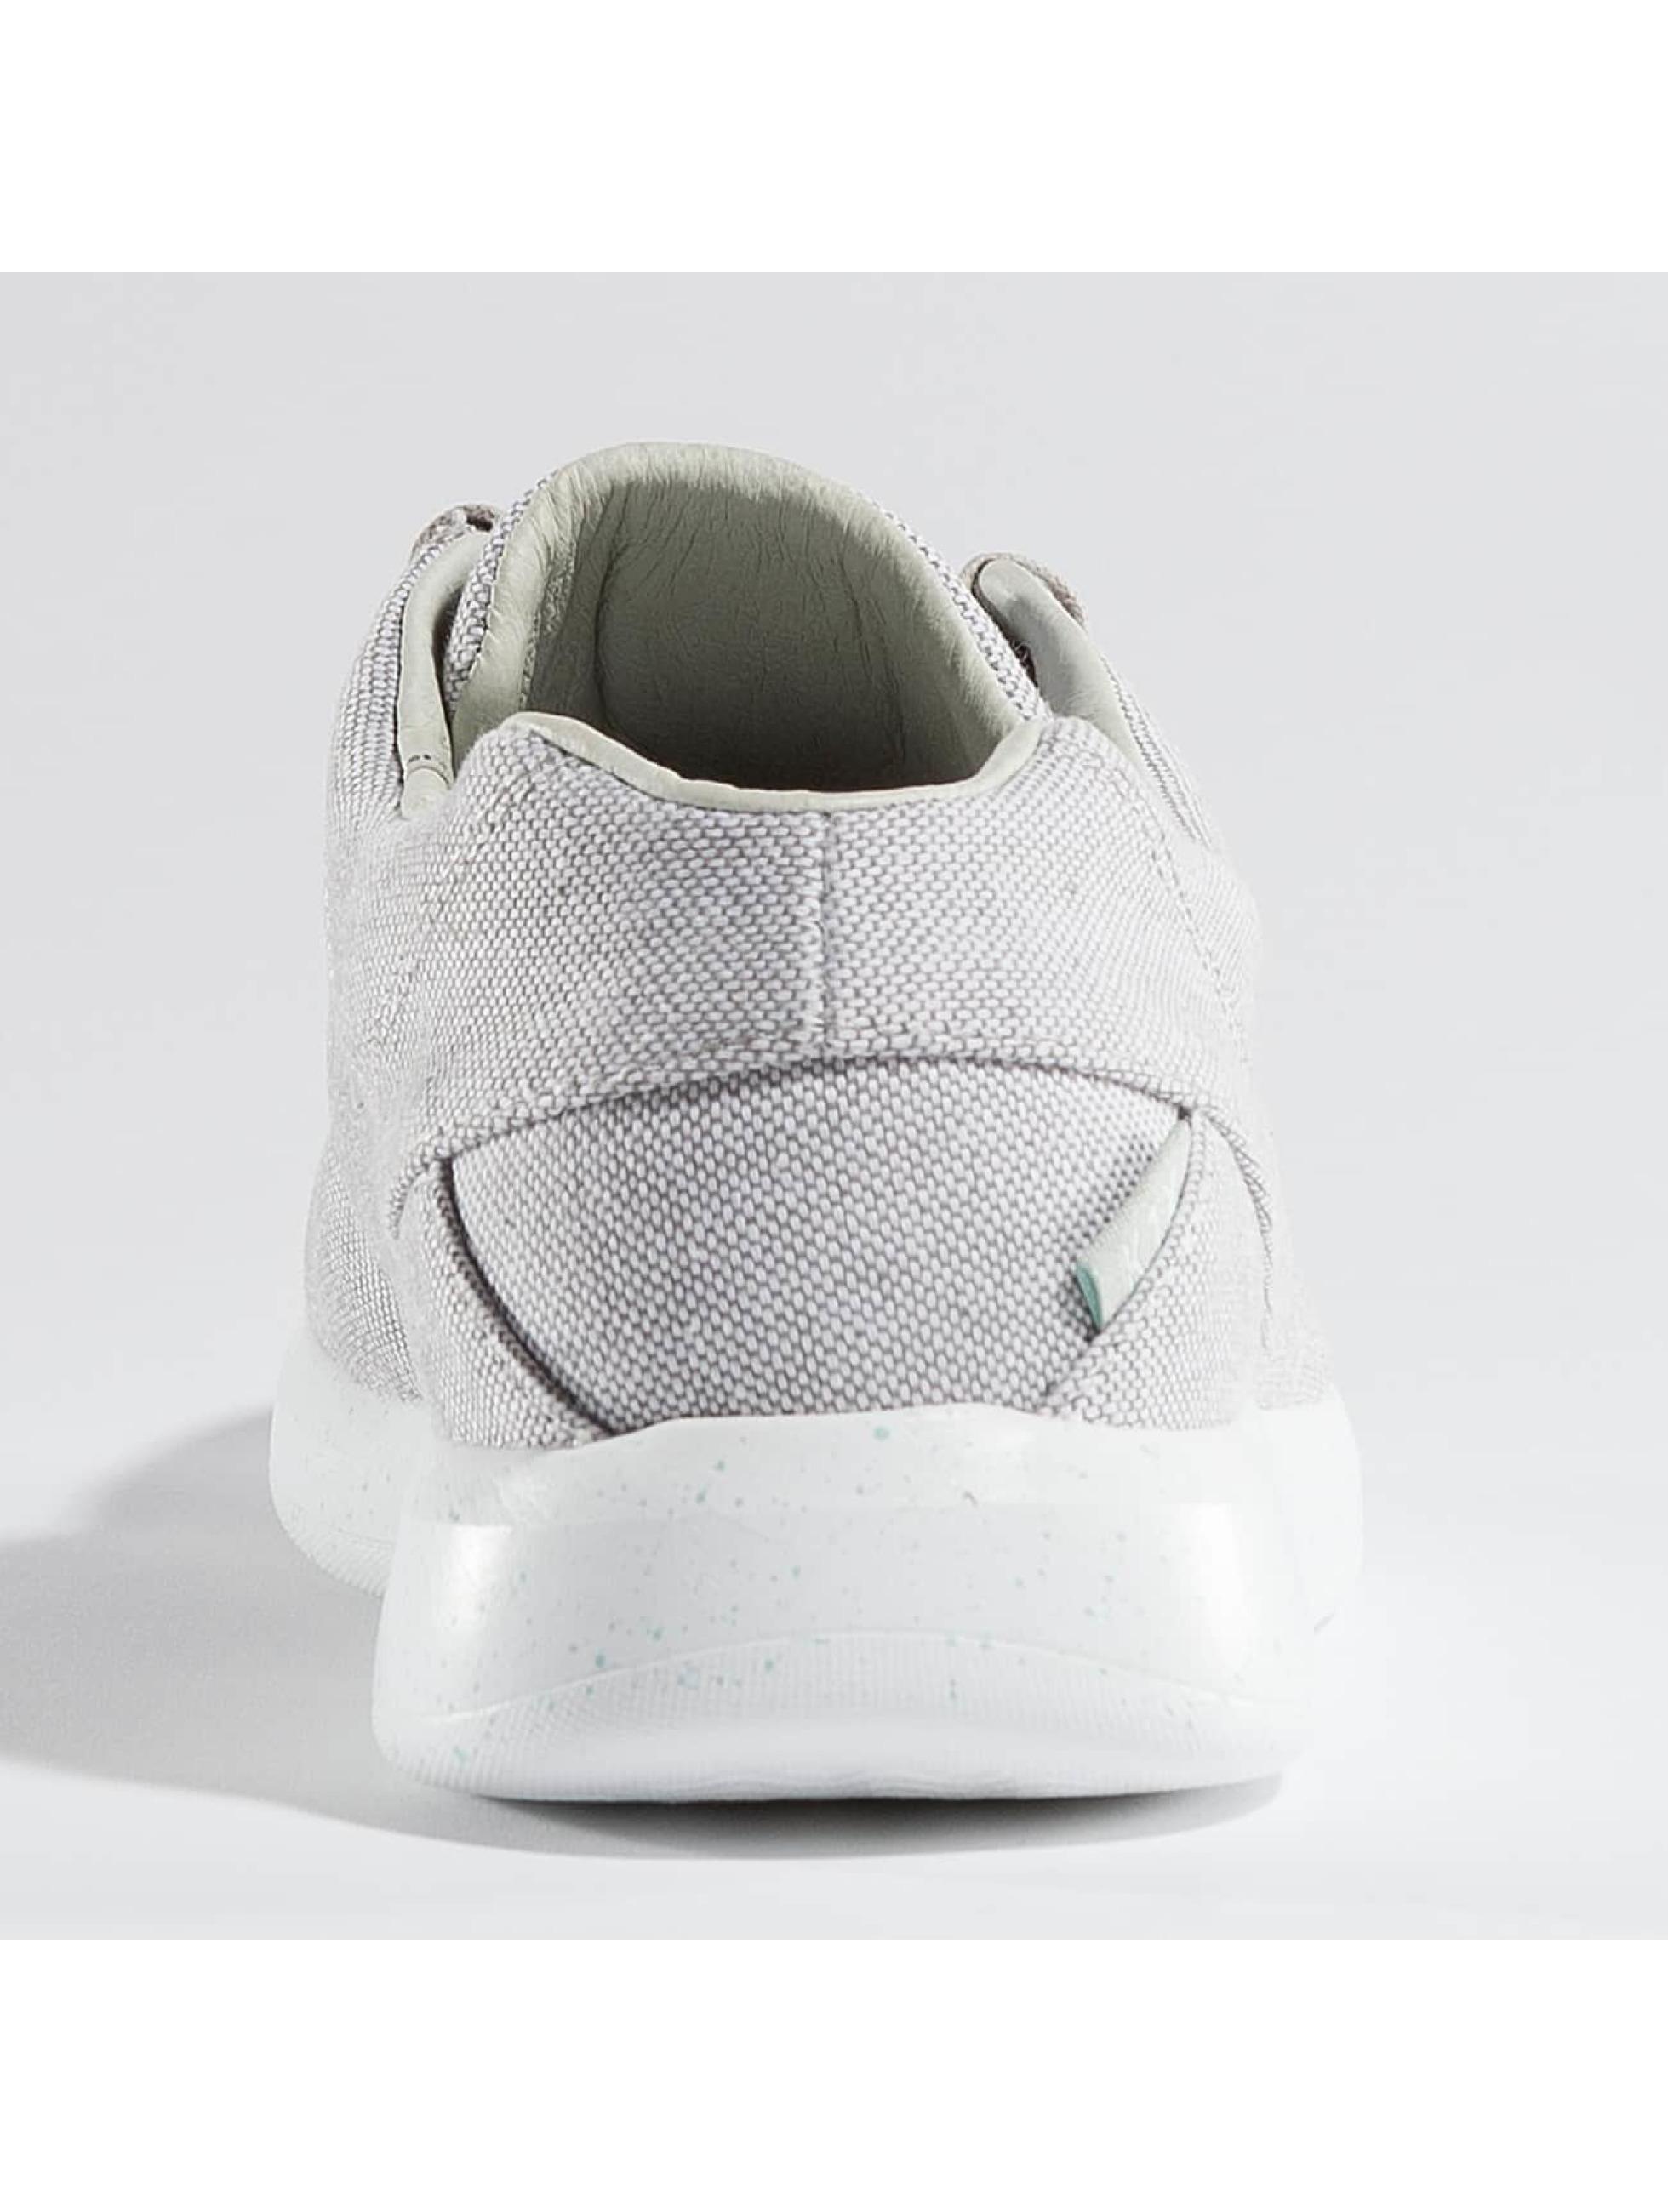 K1X Baskets Dress Up Light Weight gris